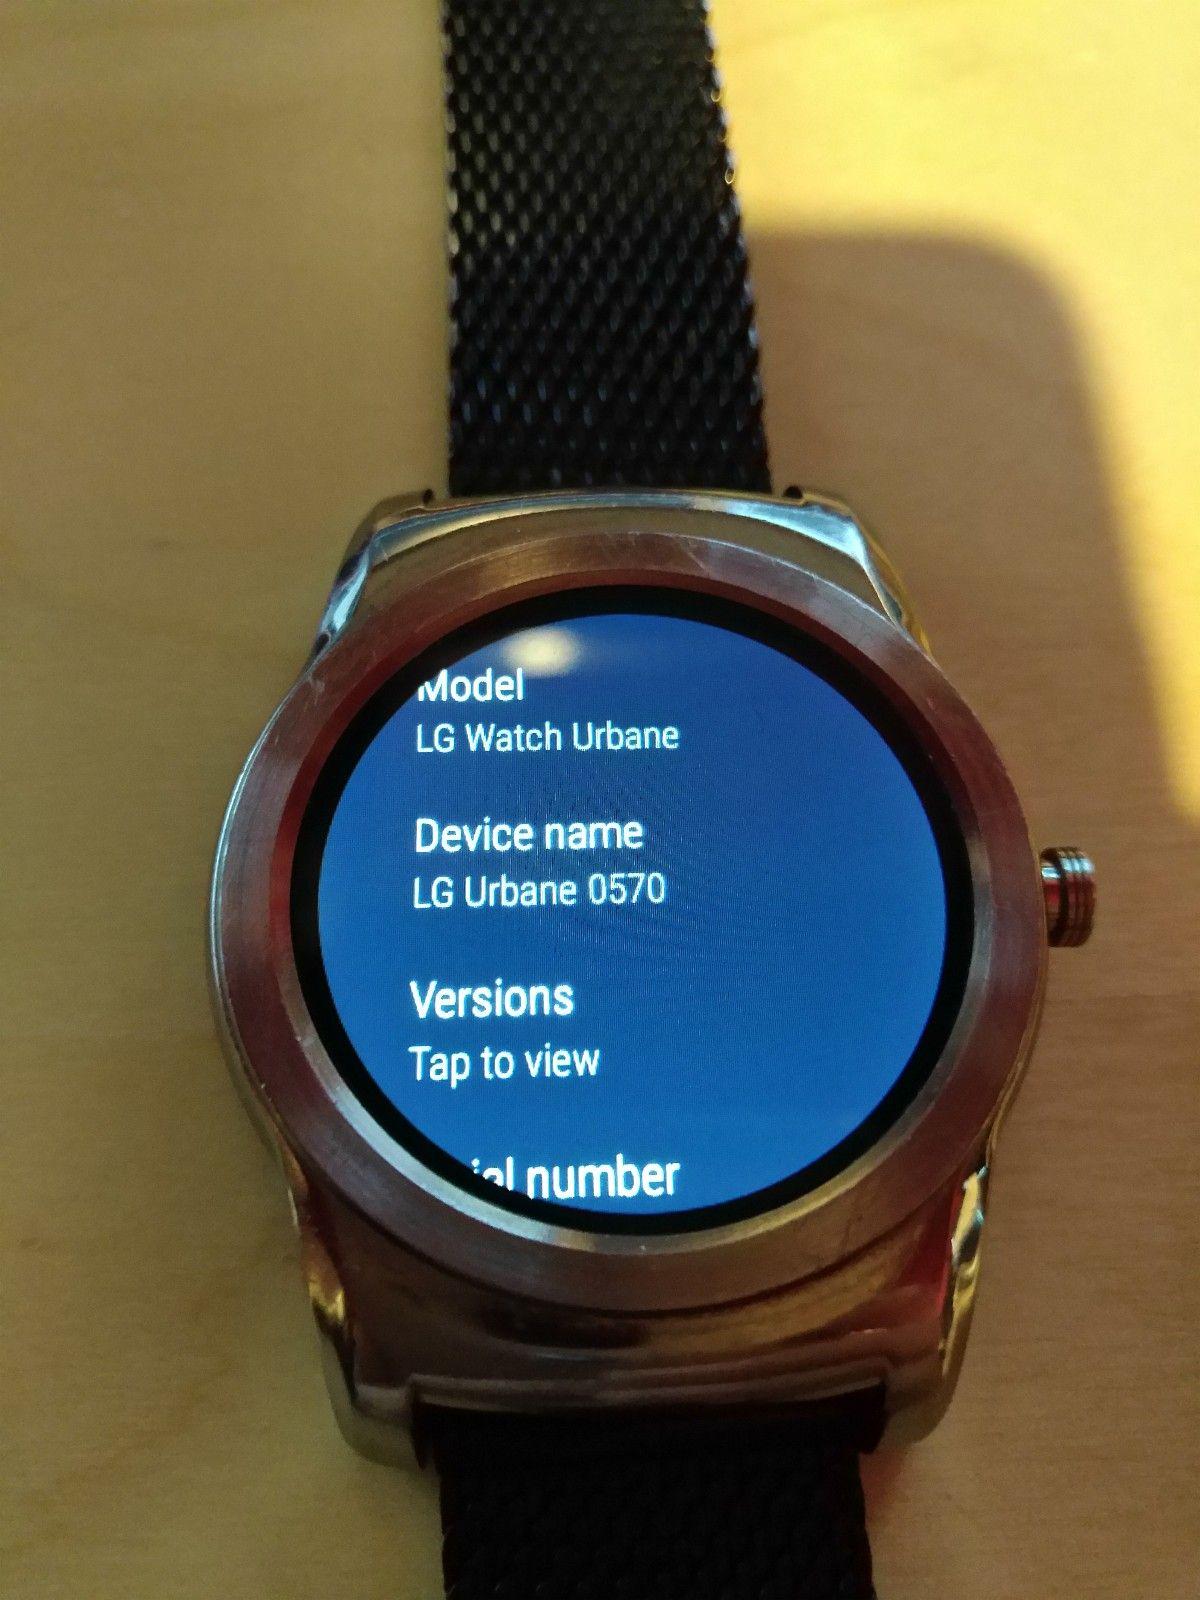 LG G WATCH URBANE 0570  1400,- - Sandnes  - LG G WATCH URBANE  kjøpte den før 2 år siden for 3500,-  Spesifikasjoner: LG Watch Urbane Skjerm: 1,3 tommer OLED, 320 x 320 piksler Batteri: 410 mAh Prosessor: 1,2 GHz Snapdragon 400 RAM:  - Sandnes